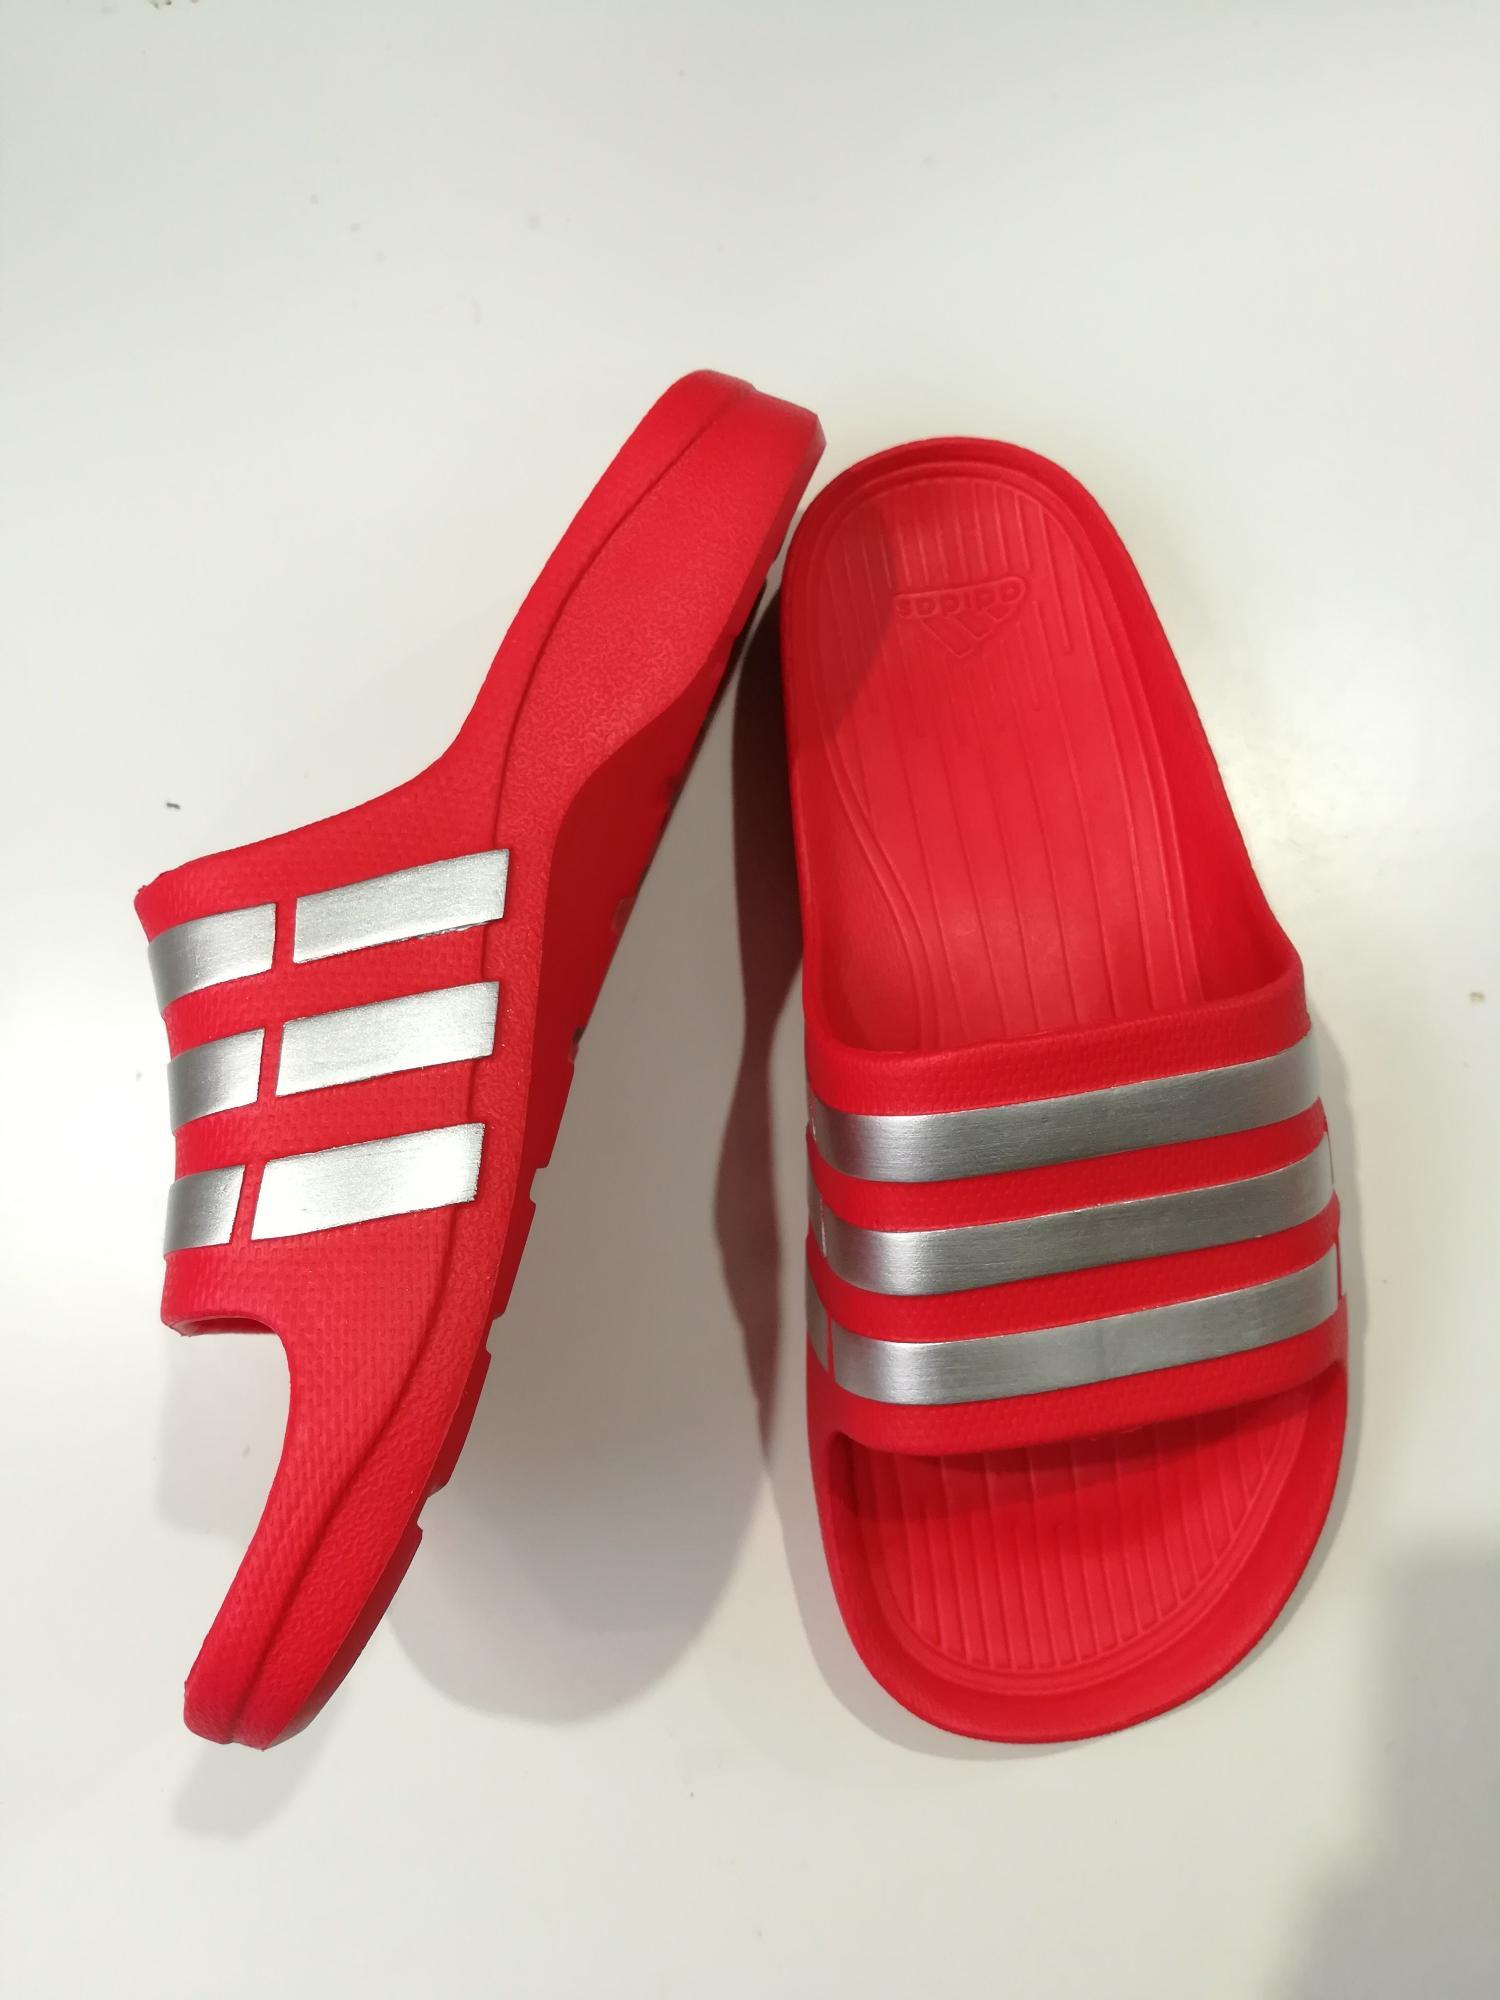 Dép đúc Adidas Duramo Đỏ sọc bạc nguyên khối